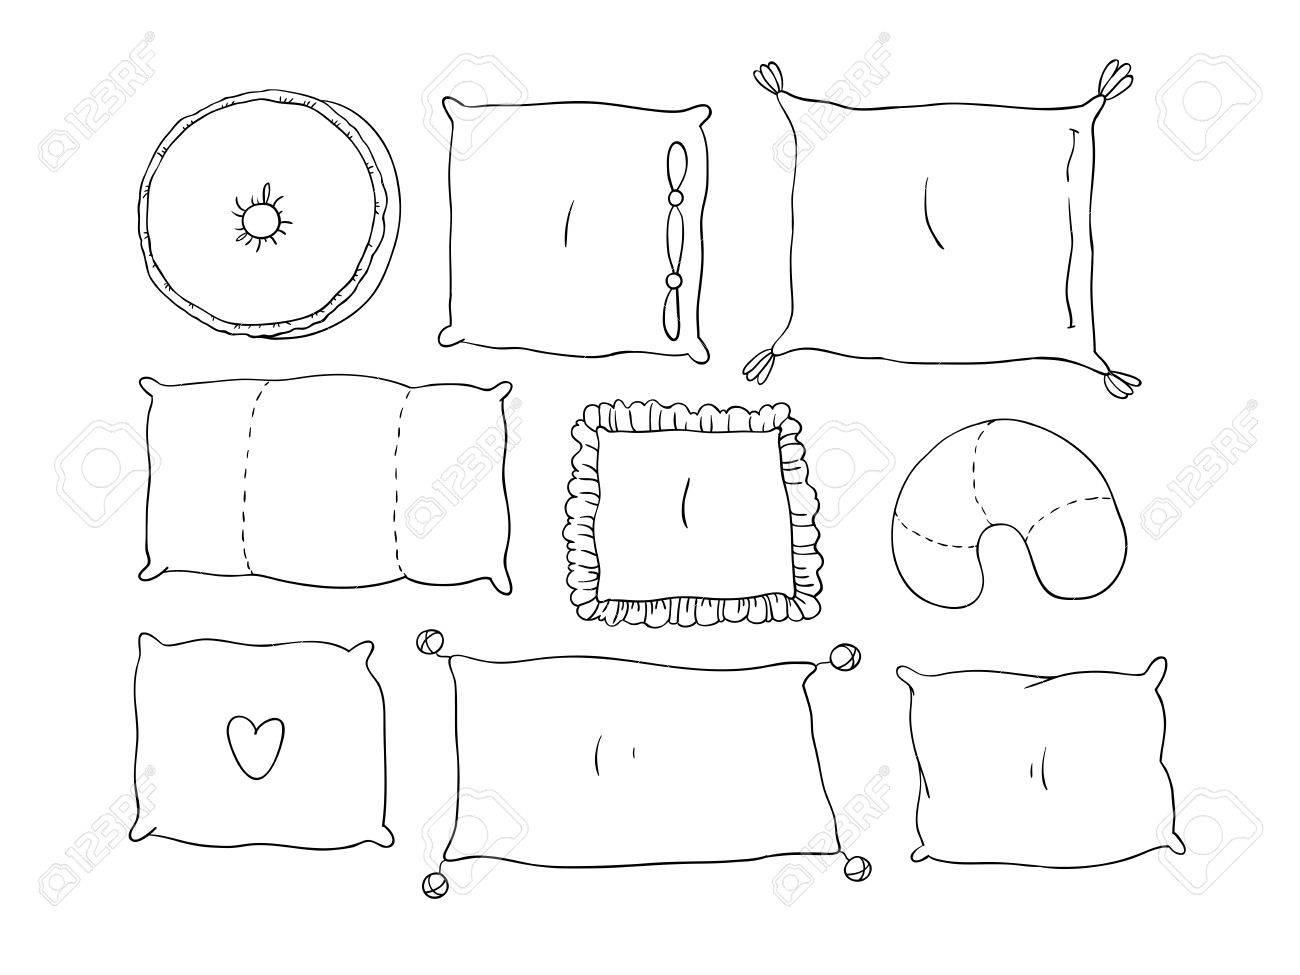 Tipos De Almohadas Para Dormir Conjunto Dibujo A Mano Aislado Objetos Sobre Fondo Blanco Ilustración Del Vector